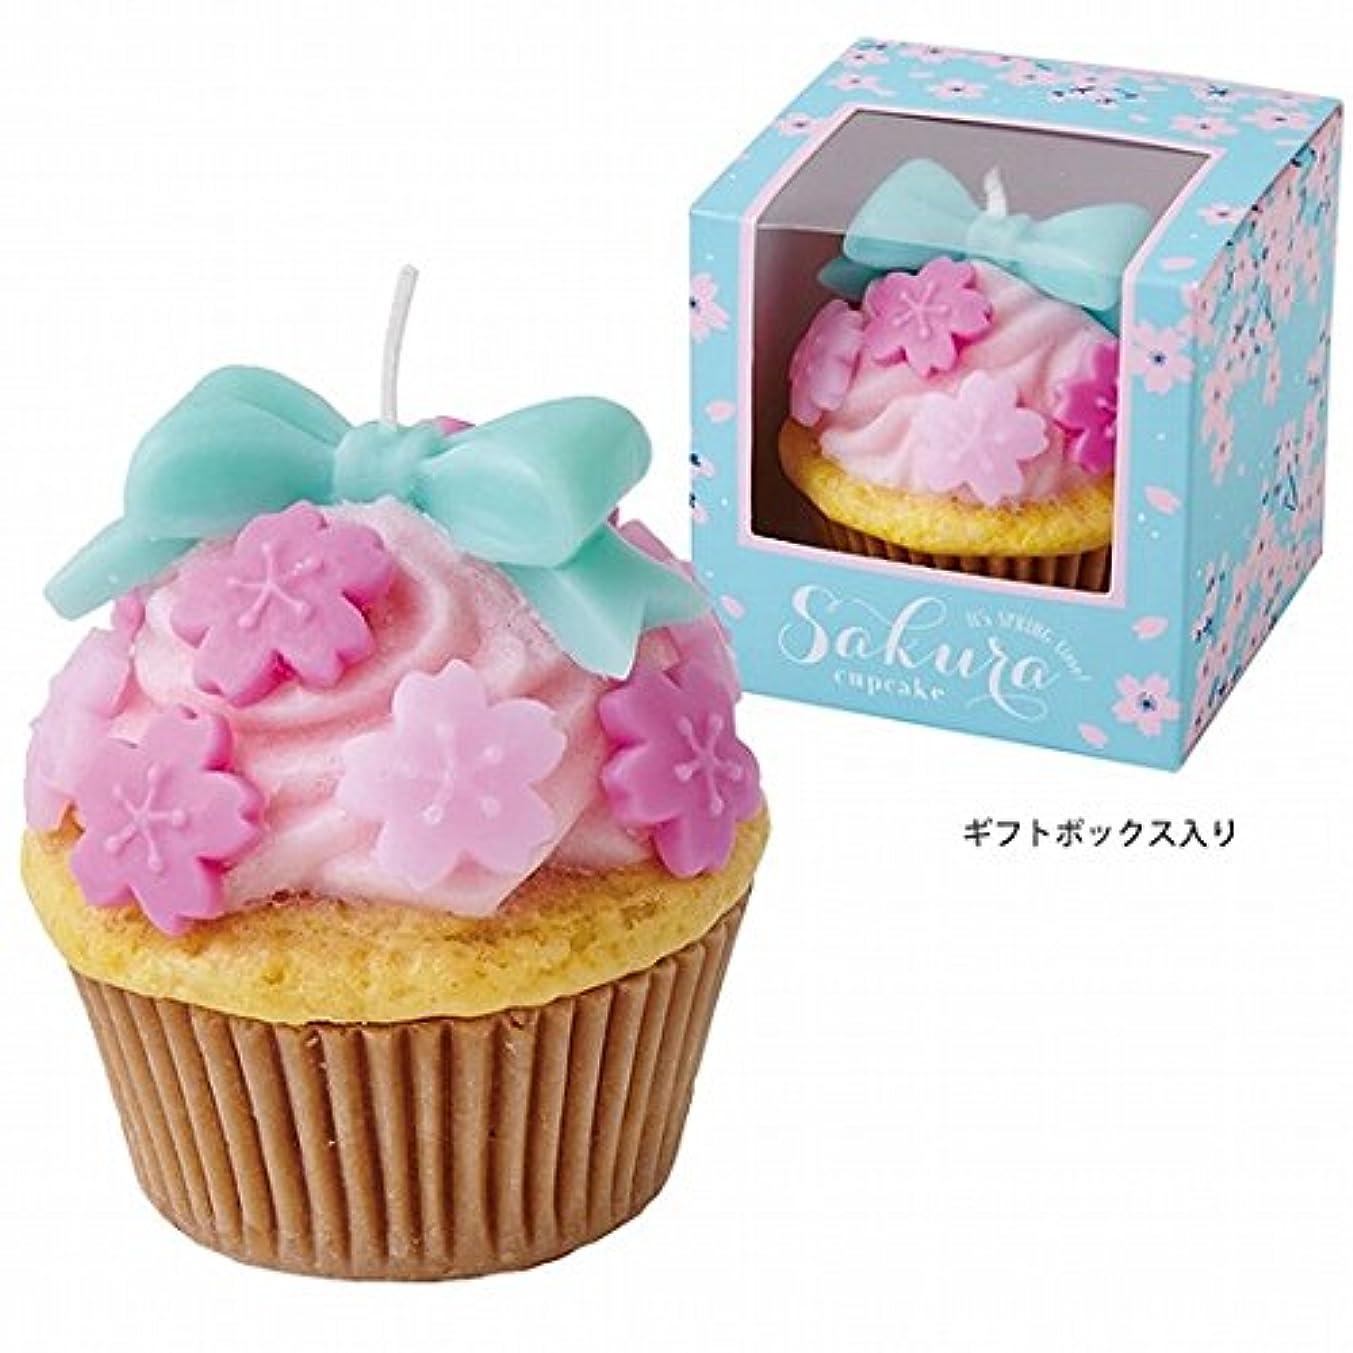 フォーマル結婚魔法カメヤマキャンドル( kameyama candle ) SAKURAカップケーキ キャンドル